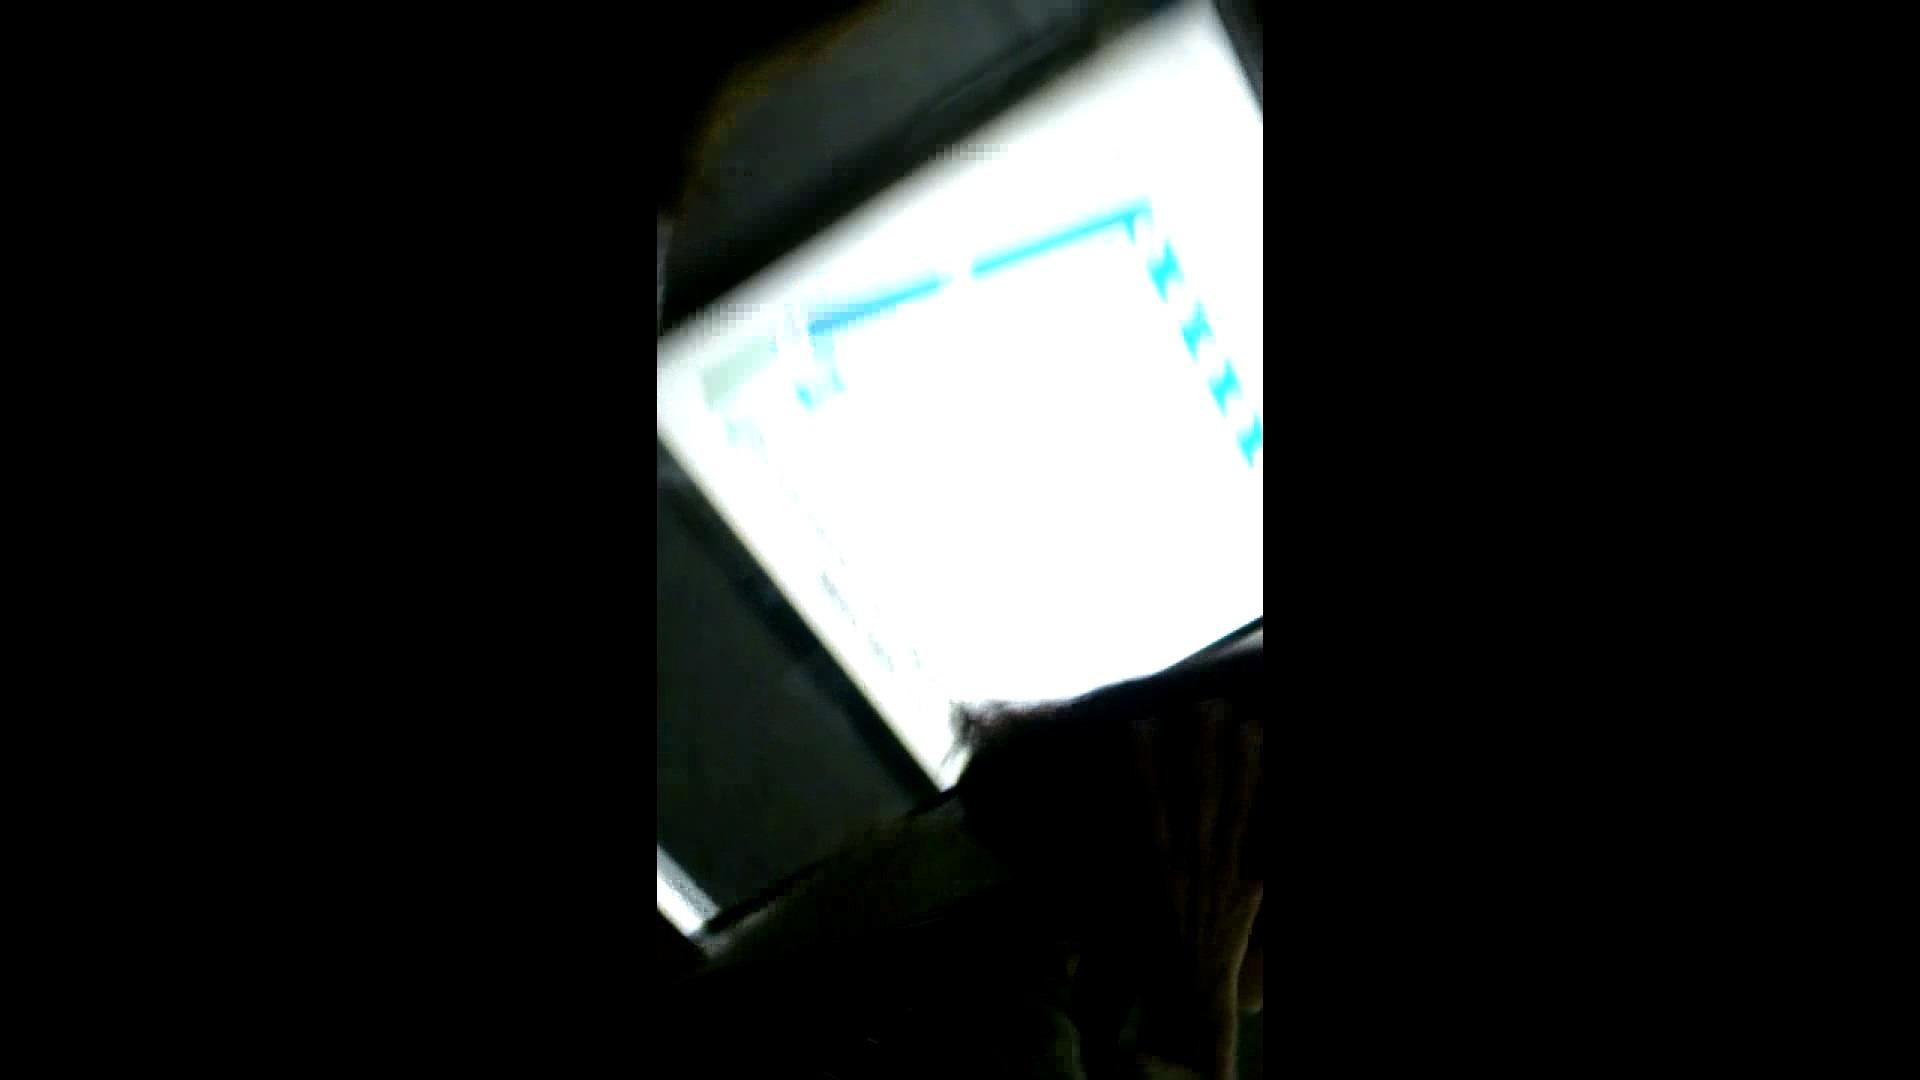 盗撮列車 vol.02 NINJAさんの粘着撮り 車 隠し撮りオマンコ動画紹介 76pic 17